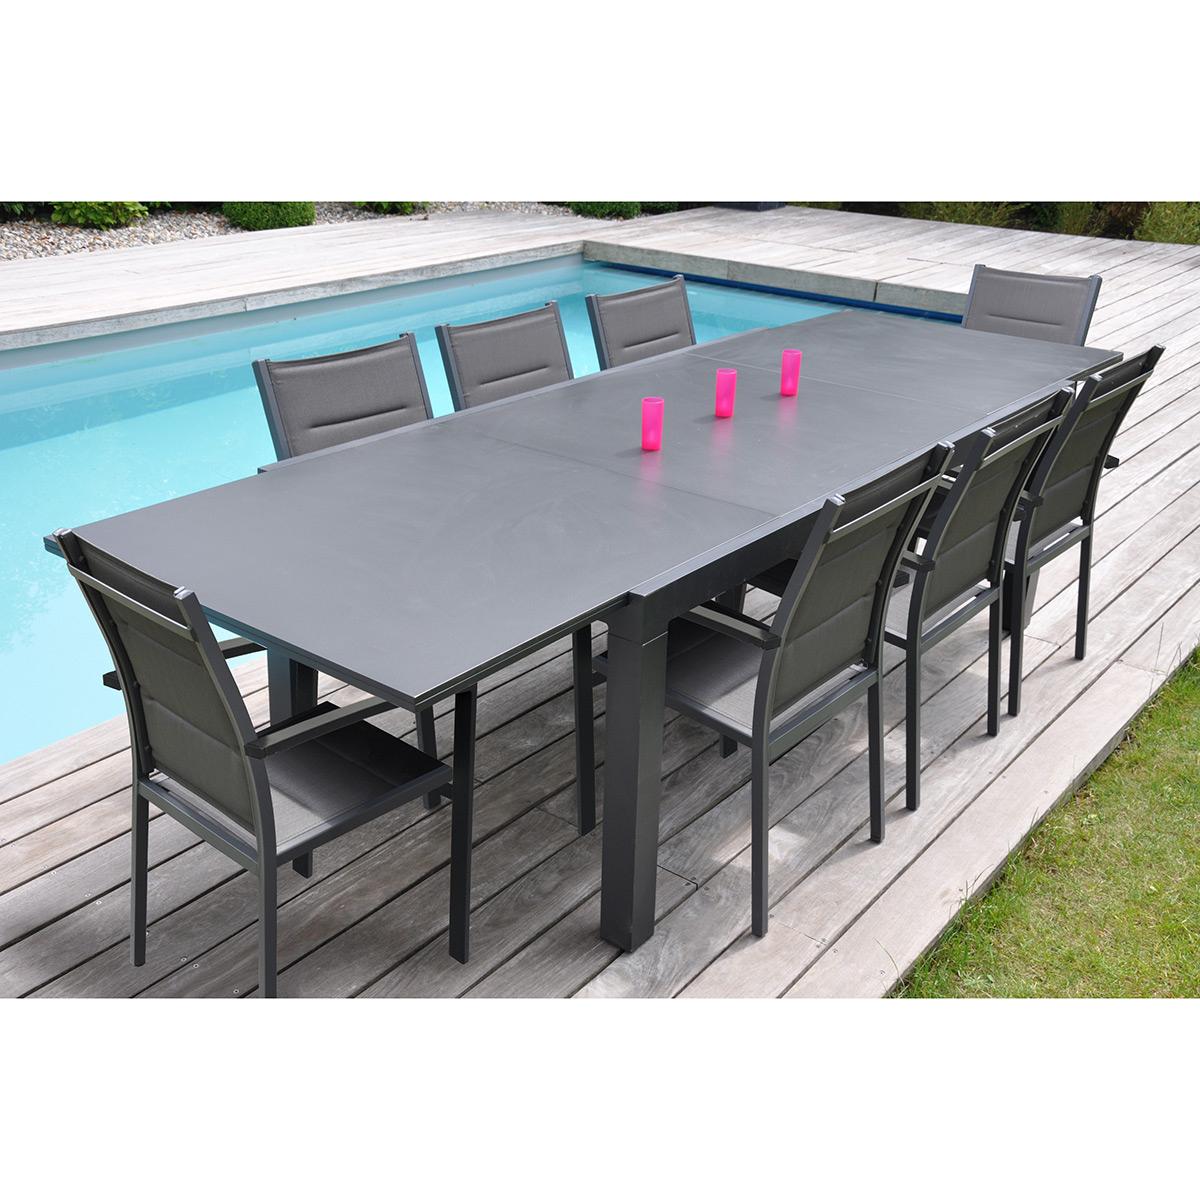 Table Jardin Bois Pas Cher Schème - Idees Conception Jardin avec Salon De Jardin Alu Pas Cher